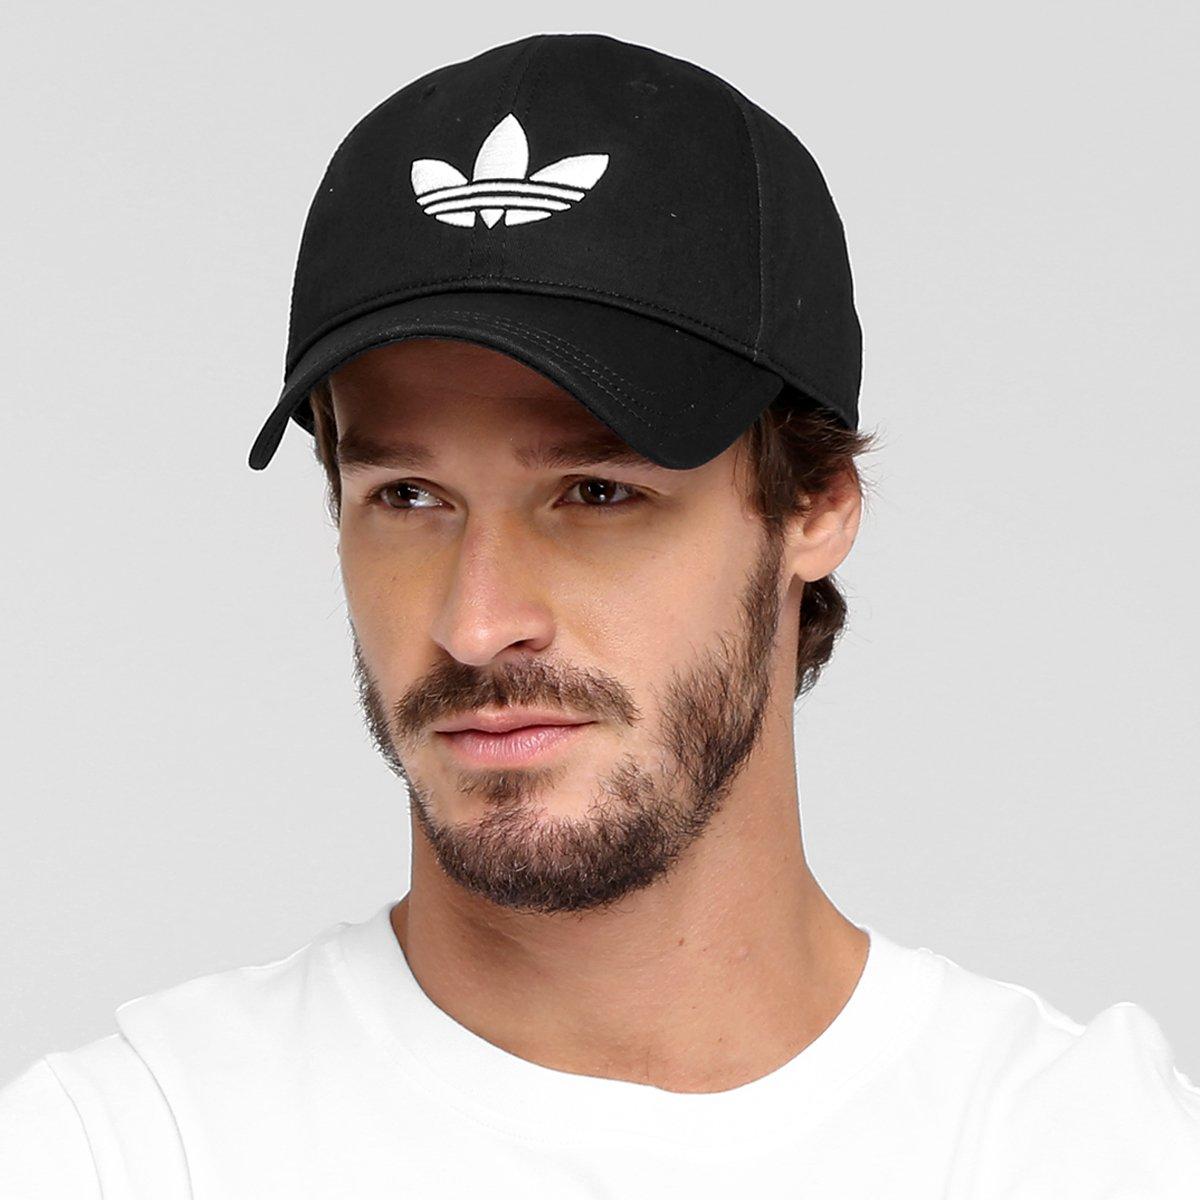 Boné Adidas Originals Trefoil - Compre Agora  332f9d56fec